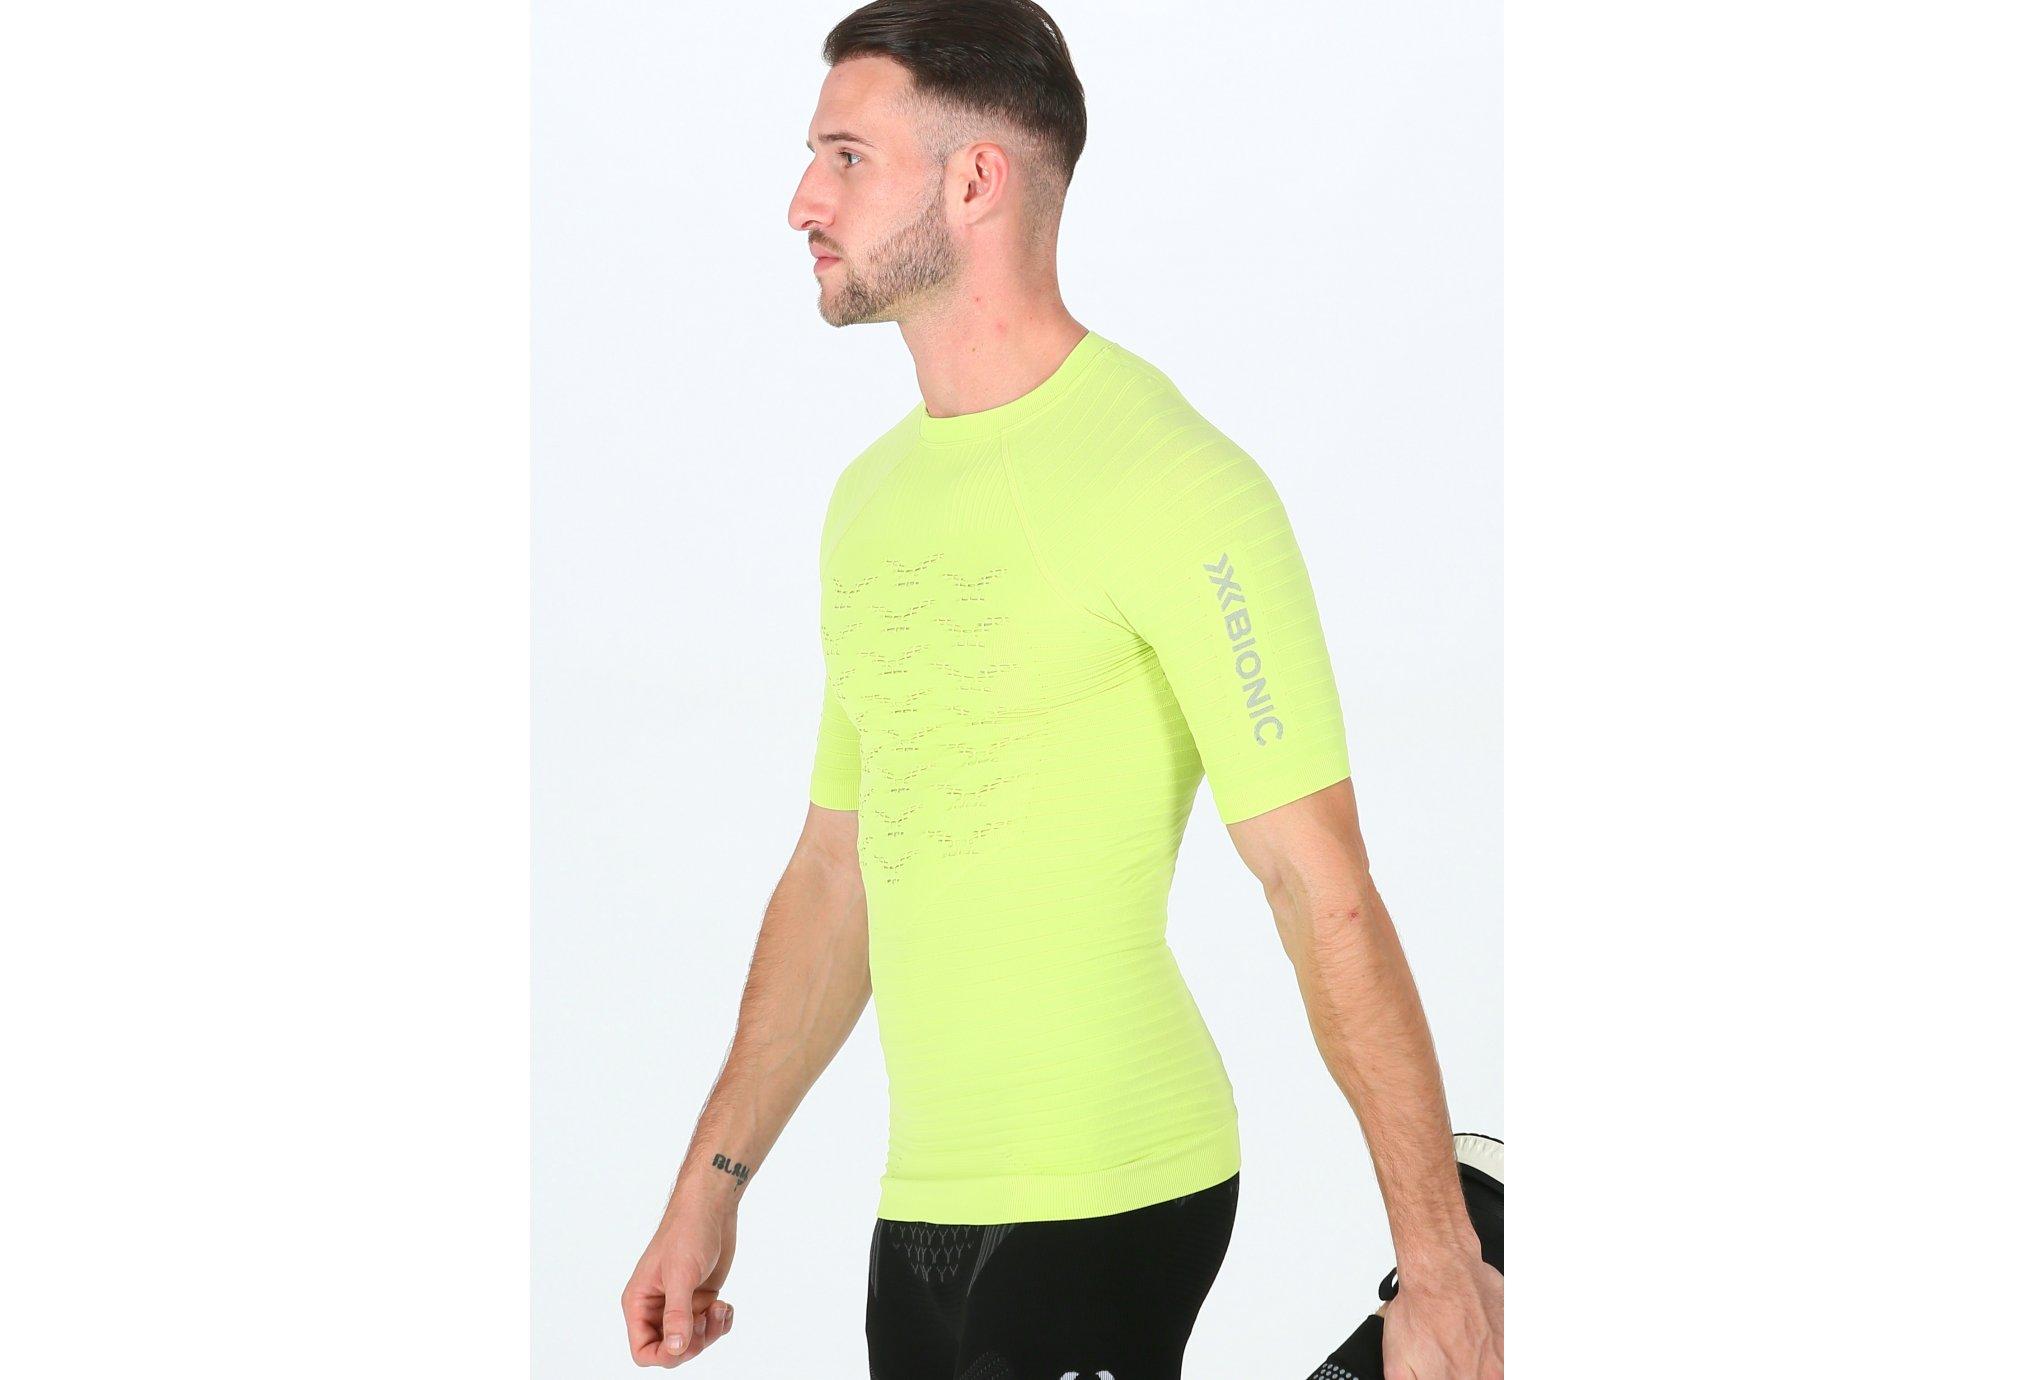 X-Bionic Effektor 4.0 M Diététique Vêtements homme